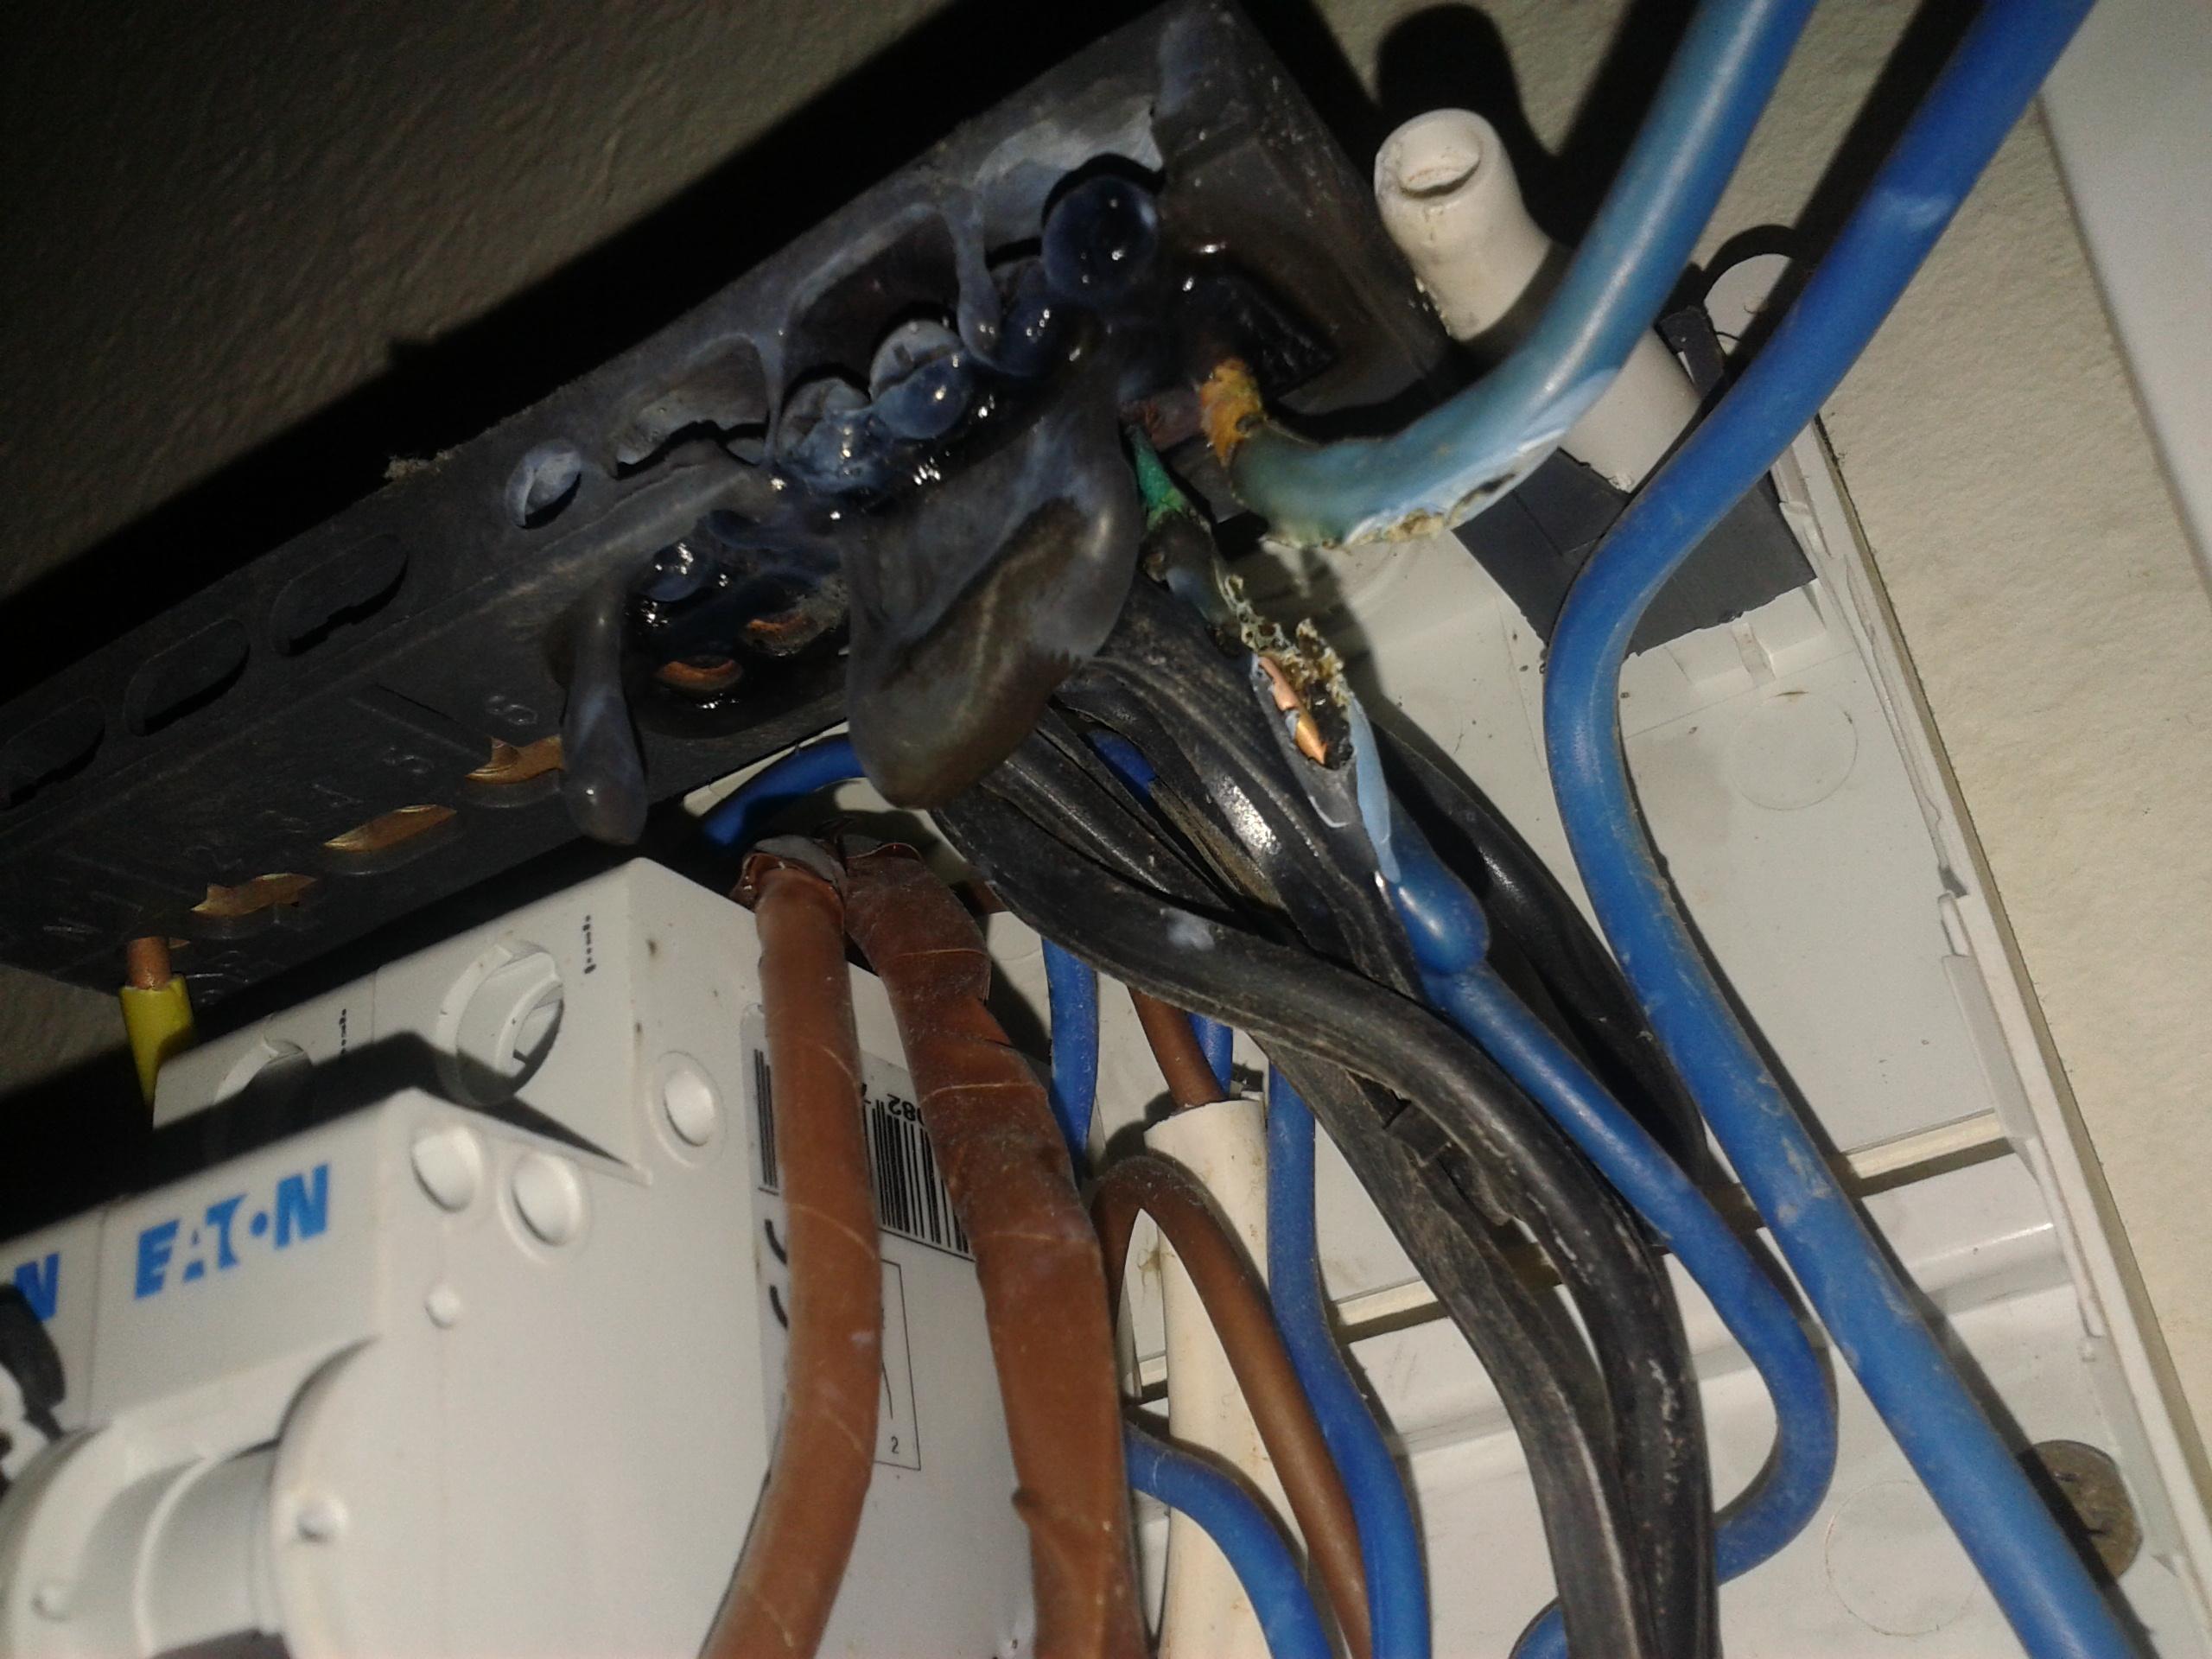 Podlaczenie Plyty Indukcyjnej Pod 230v Elektroda Pl